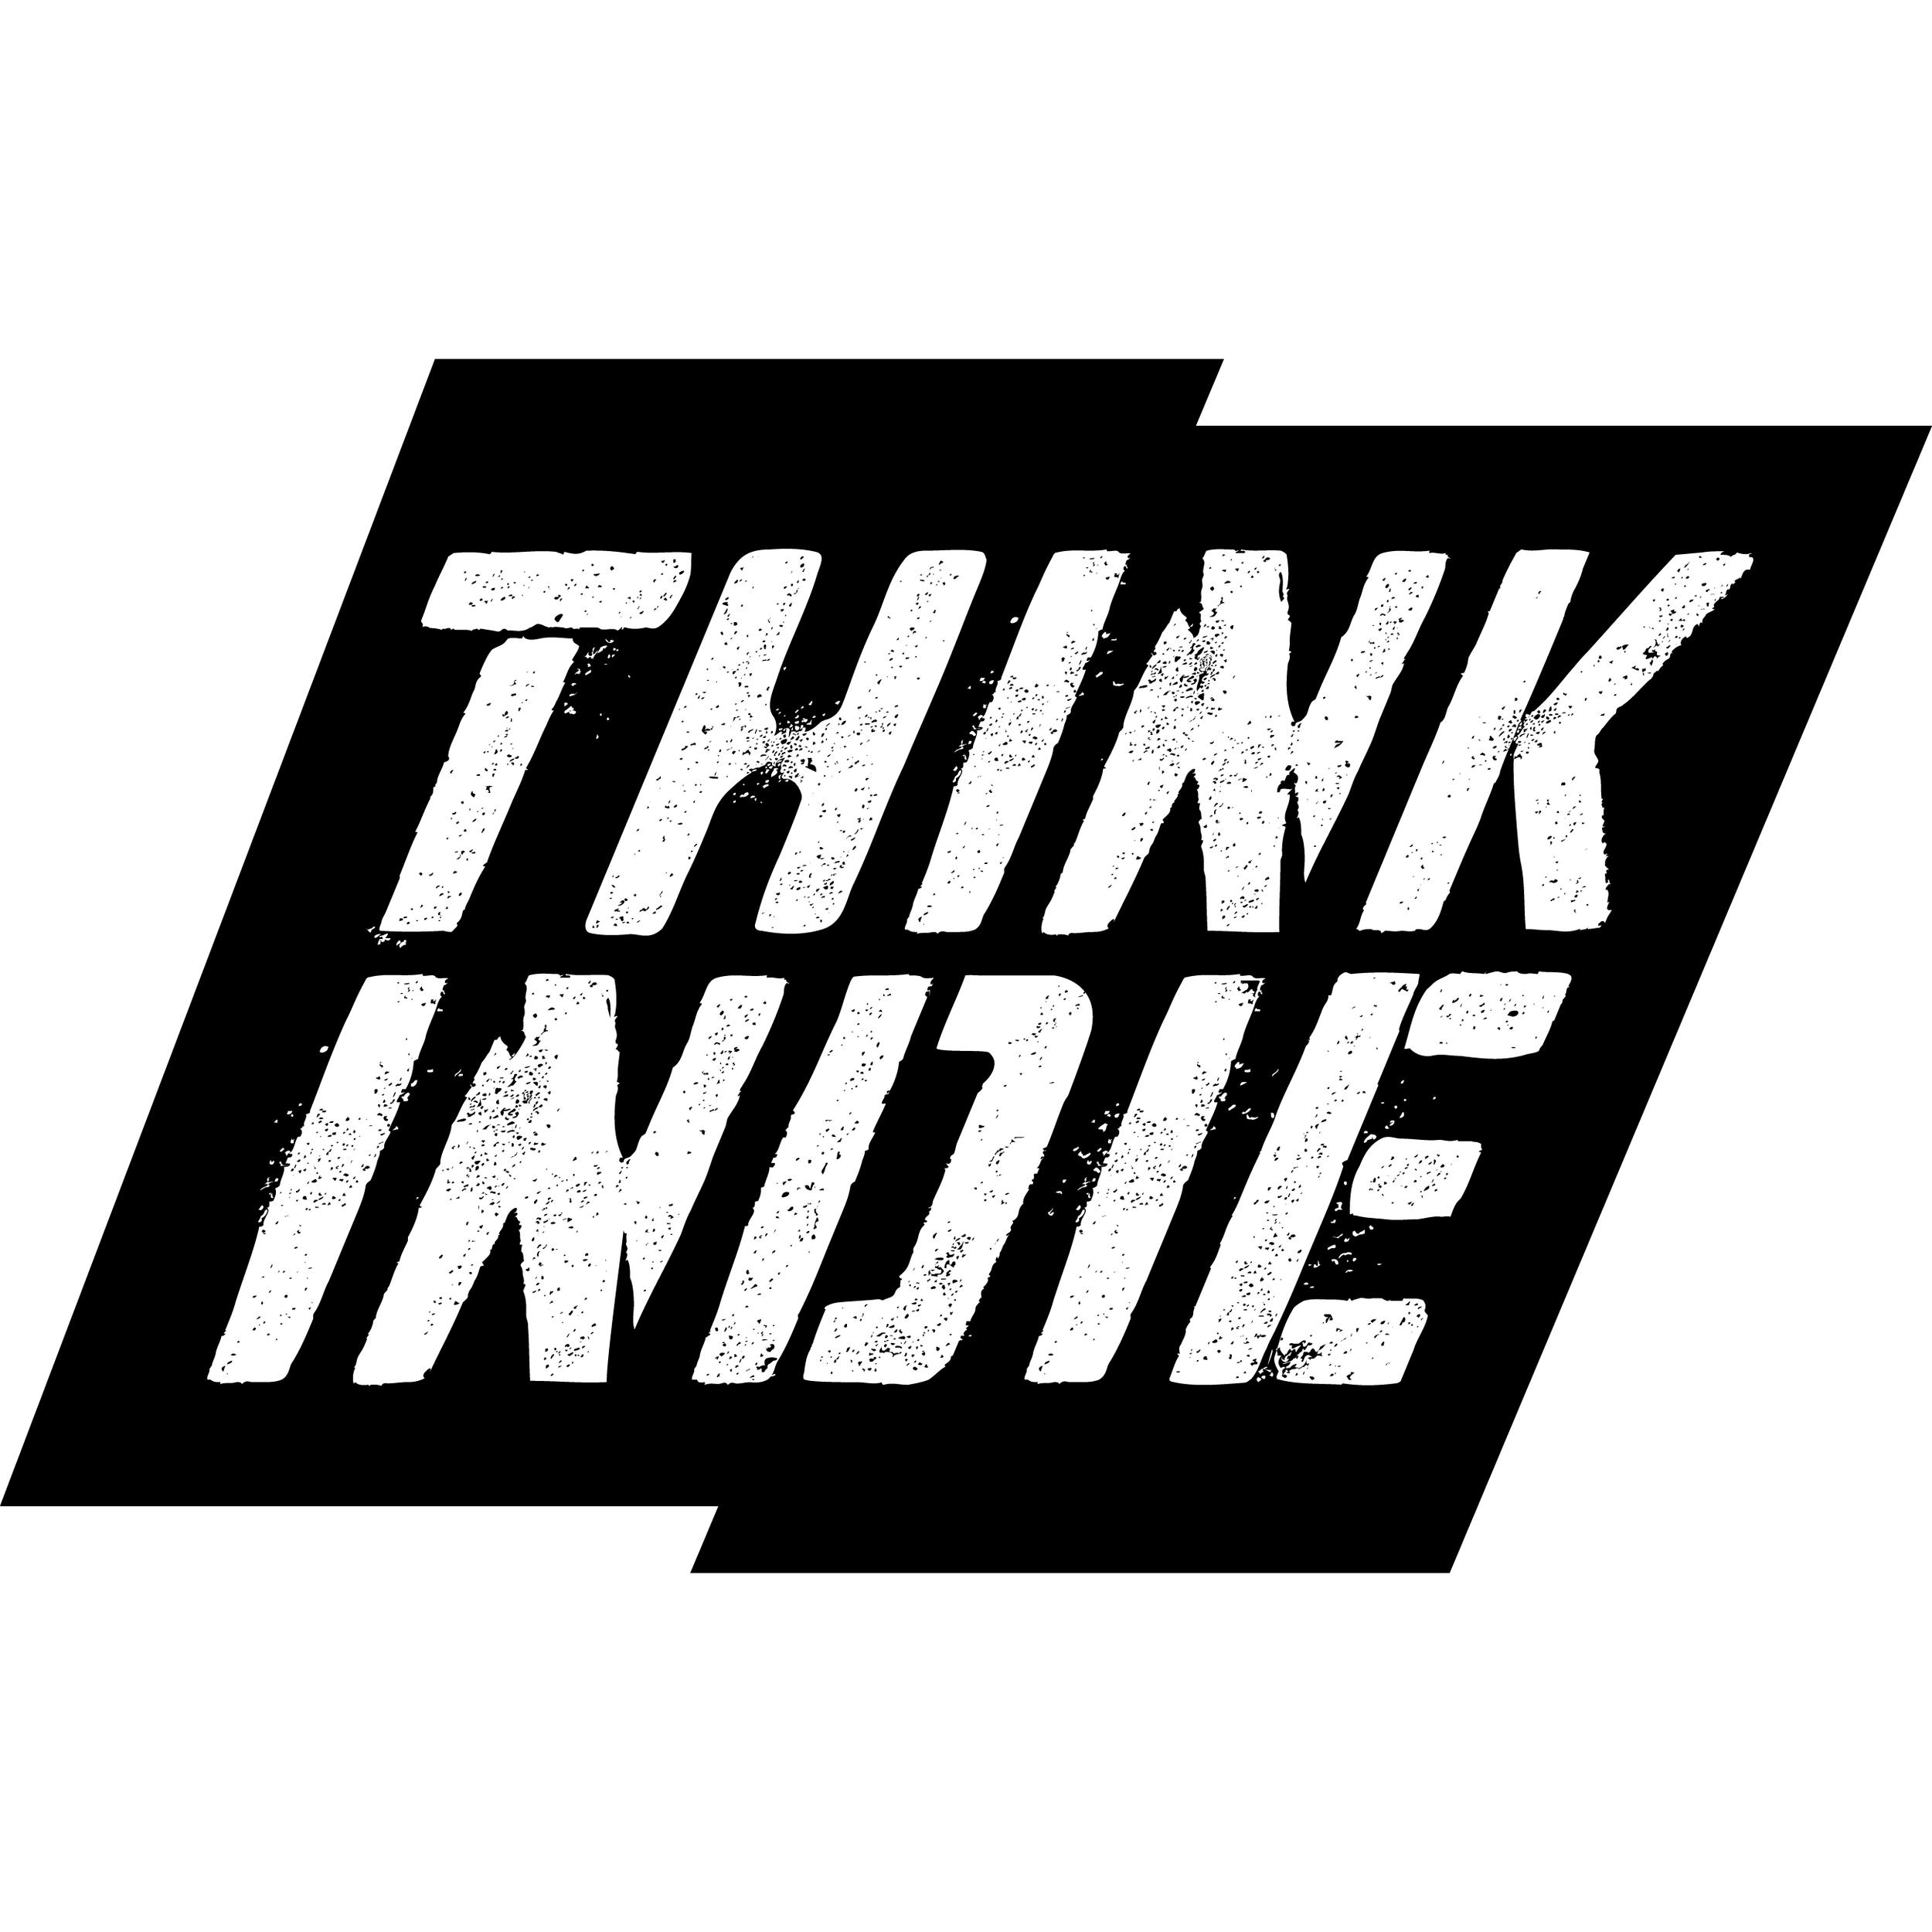 THINK INDIE LOGO  Download  Hi-Res  |  Lo-Res